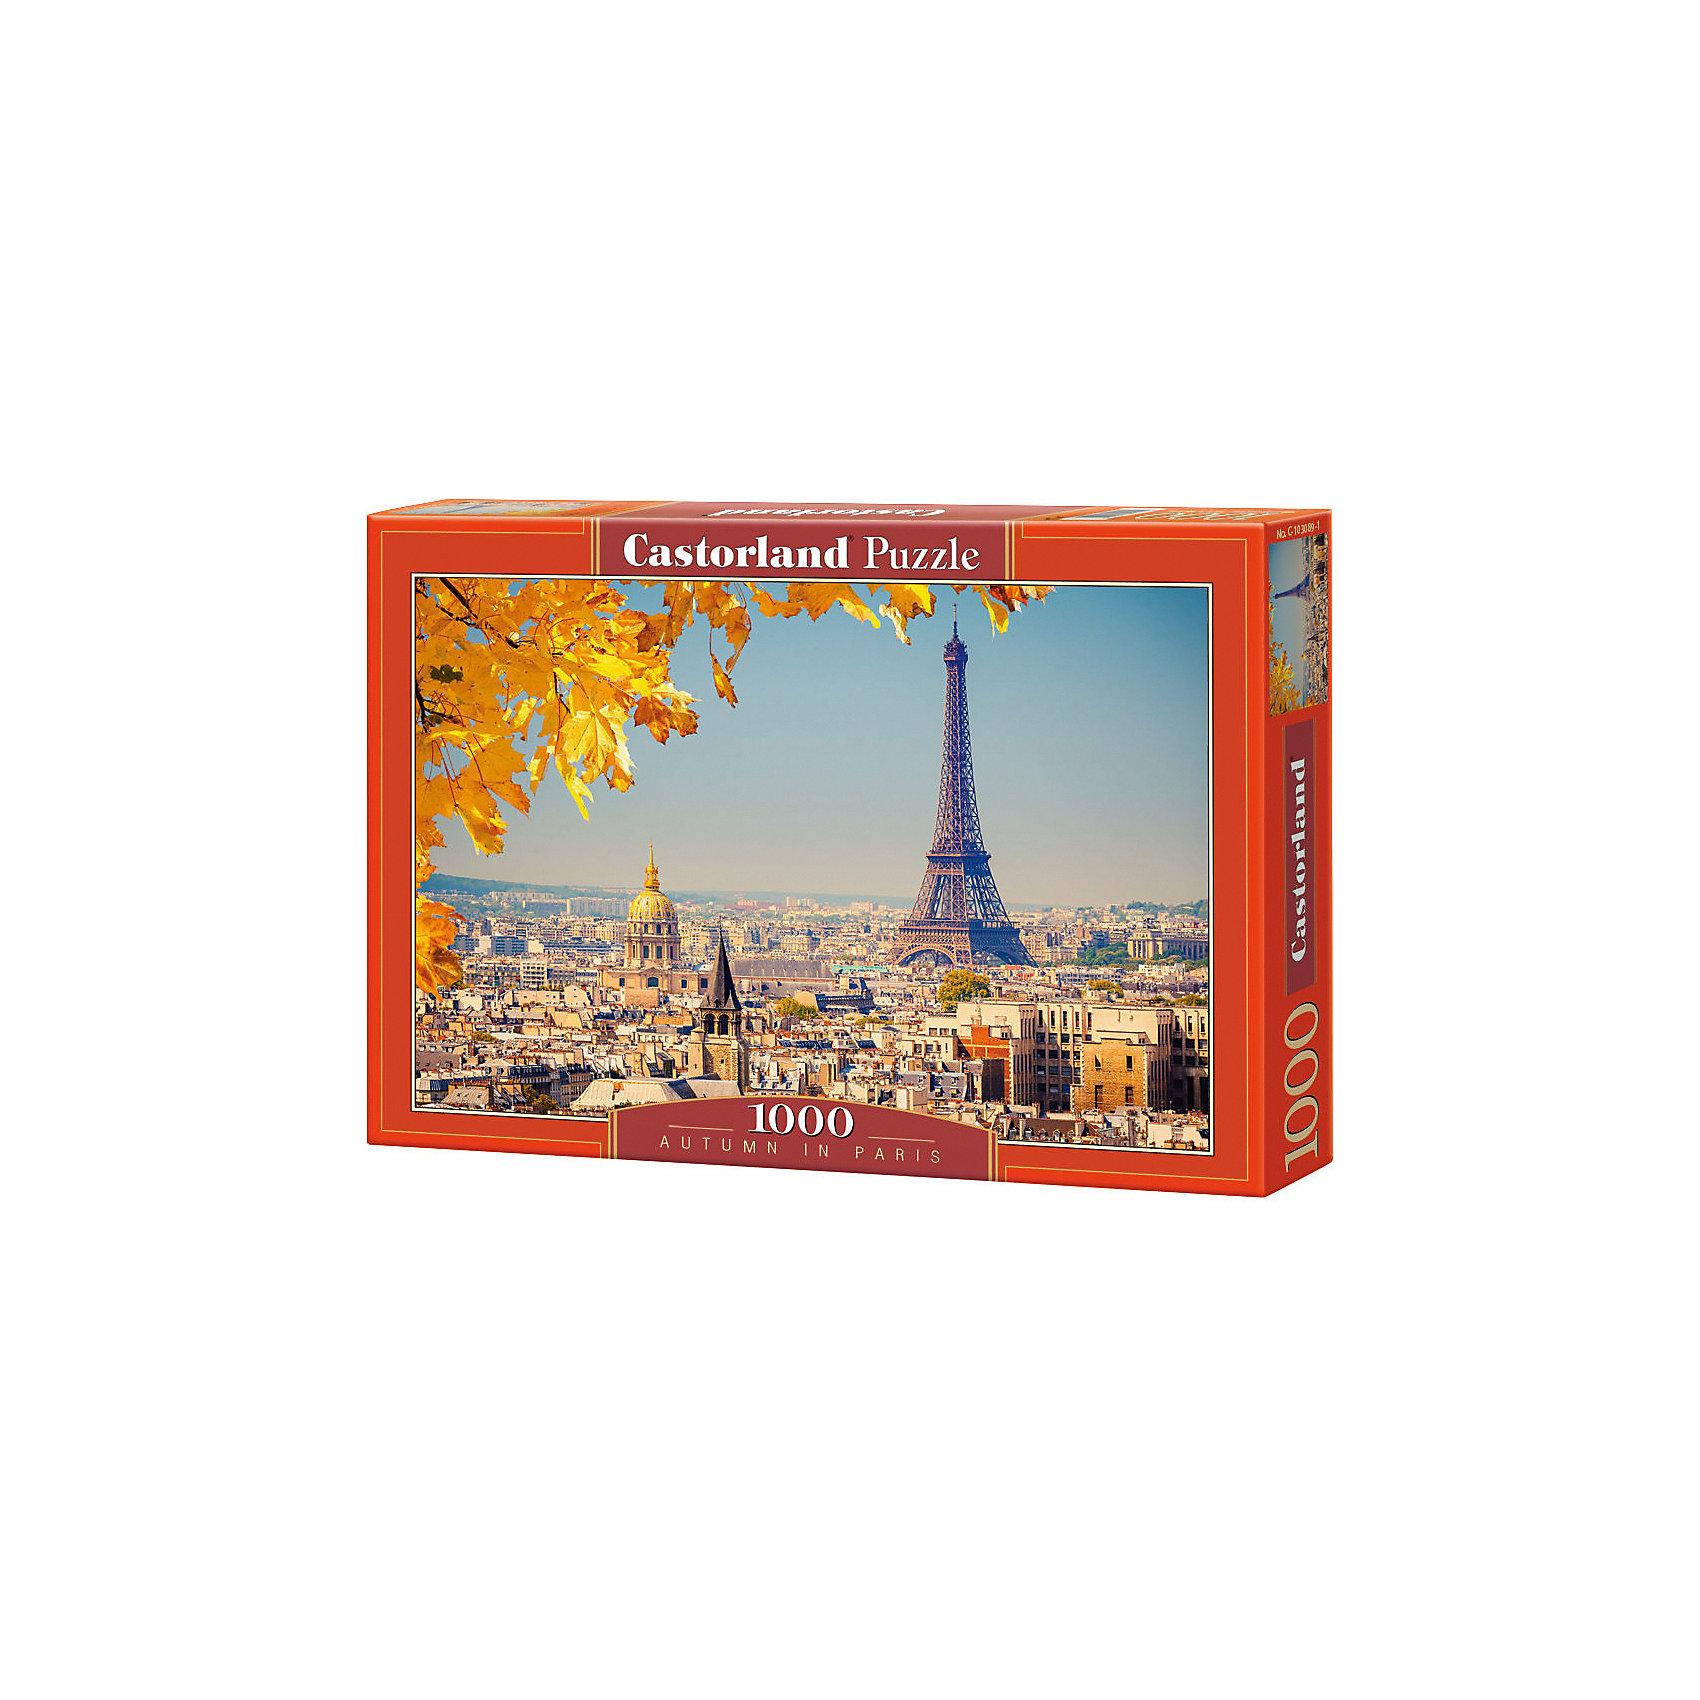 Castorland Пазл Осень в Париже, 1000 деталей, Castorland пазл для раскрашивания арт терапия царь зверей origami 360 деталей